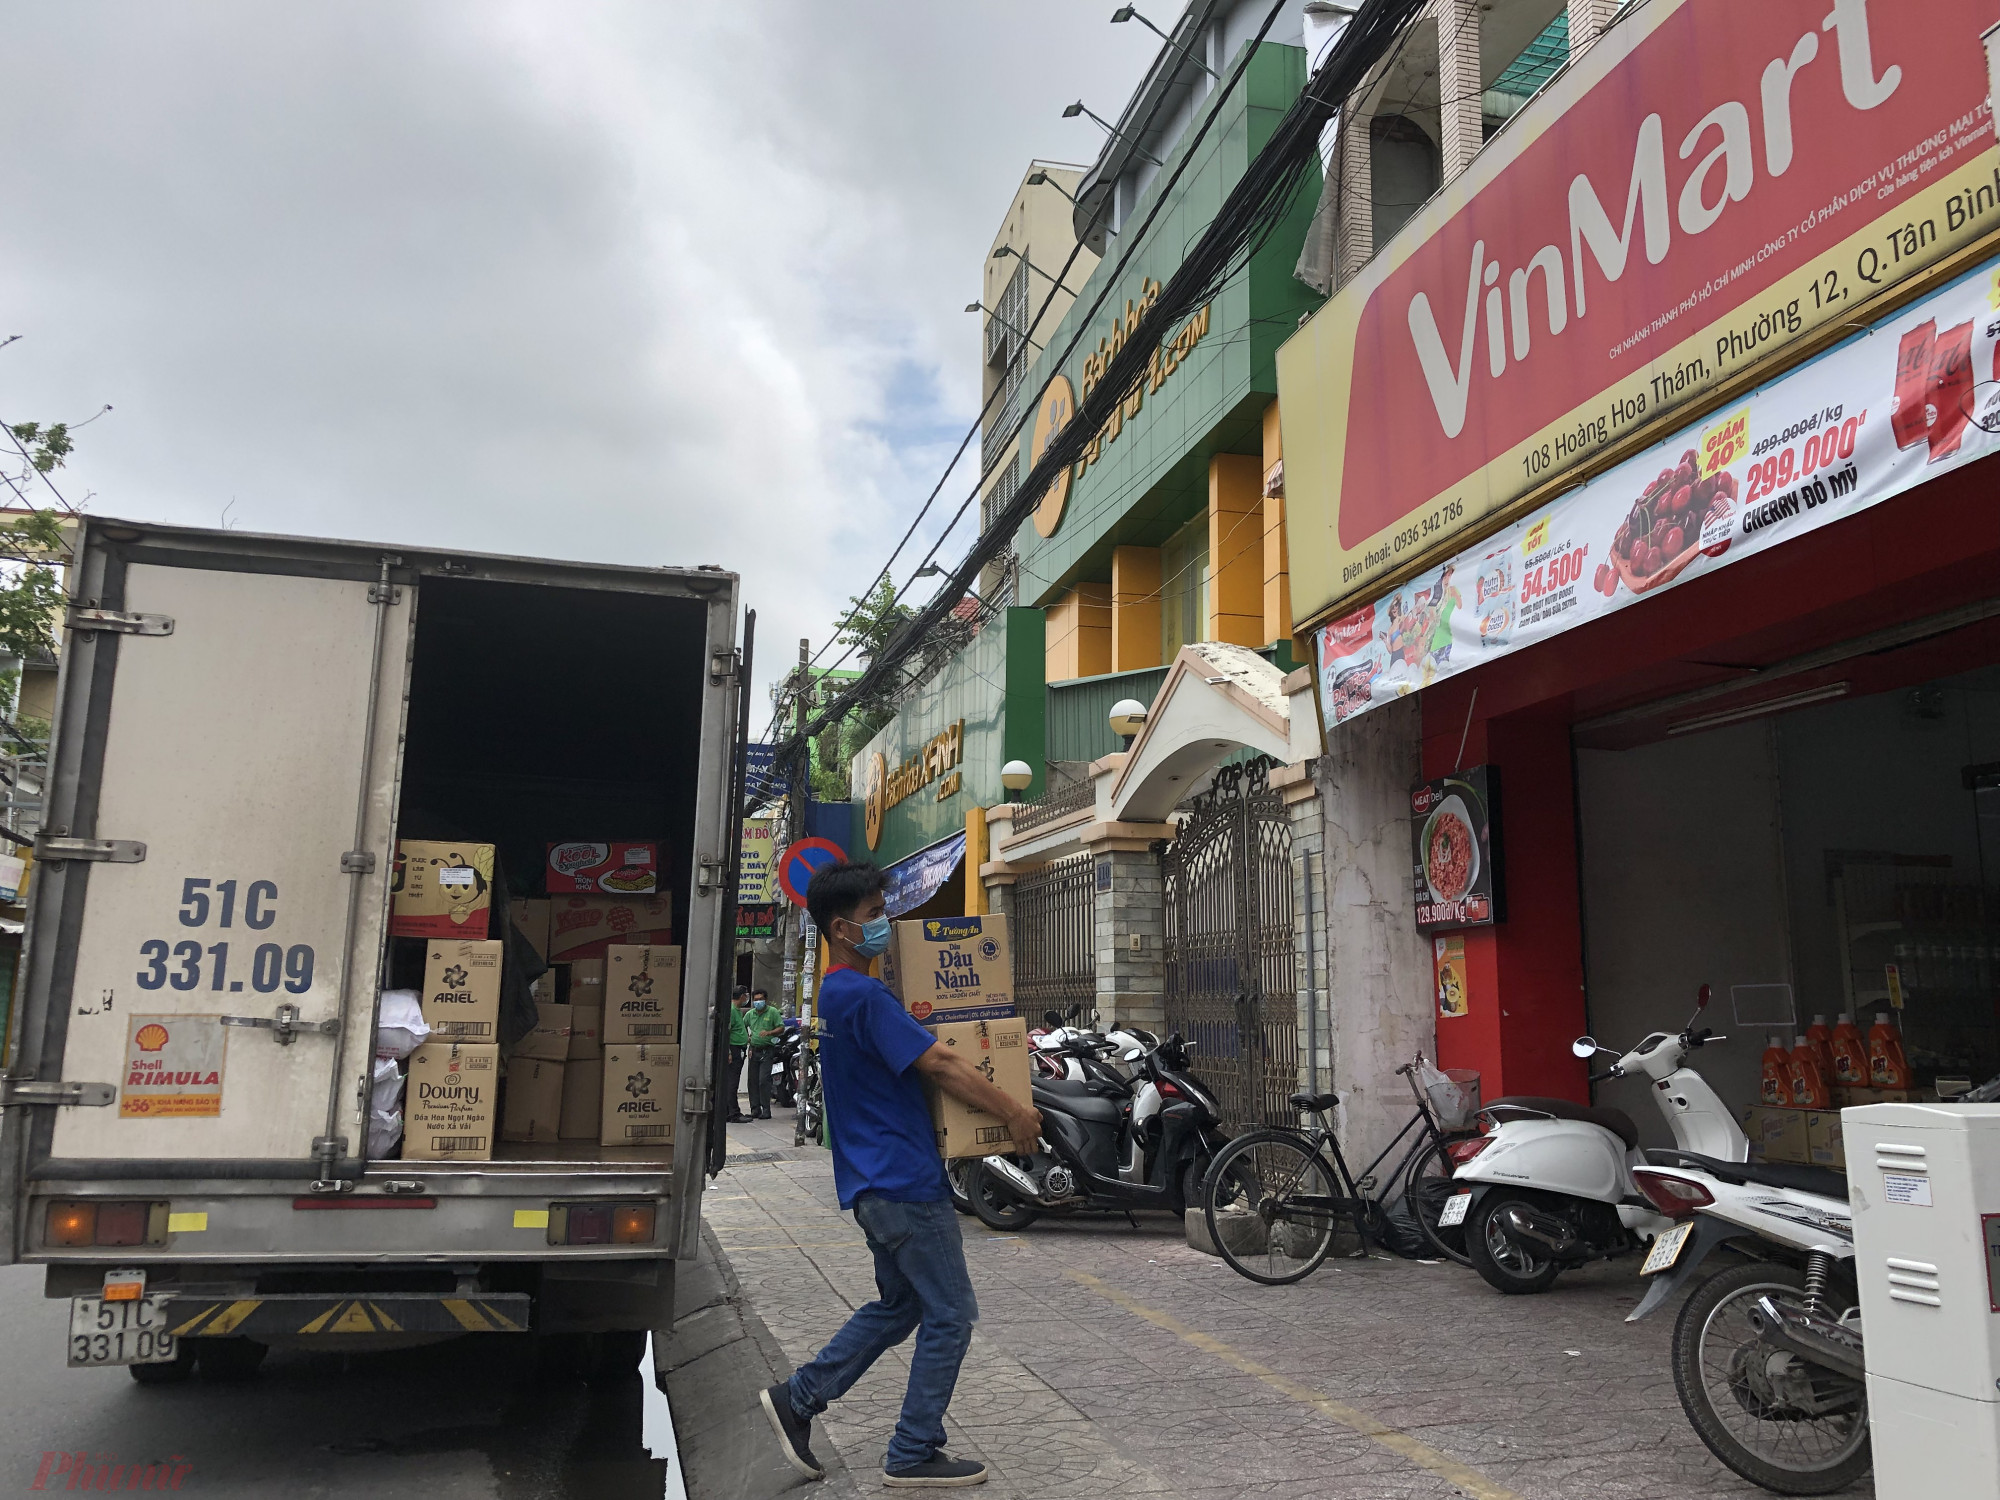 Tại cửa hàng Vinmart khác trên đường Đồng Đen (Q.Tân Bình, TPHCM) một xe đang chở đầy ắp thực phẩm đến